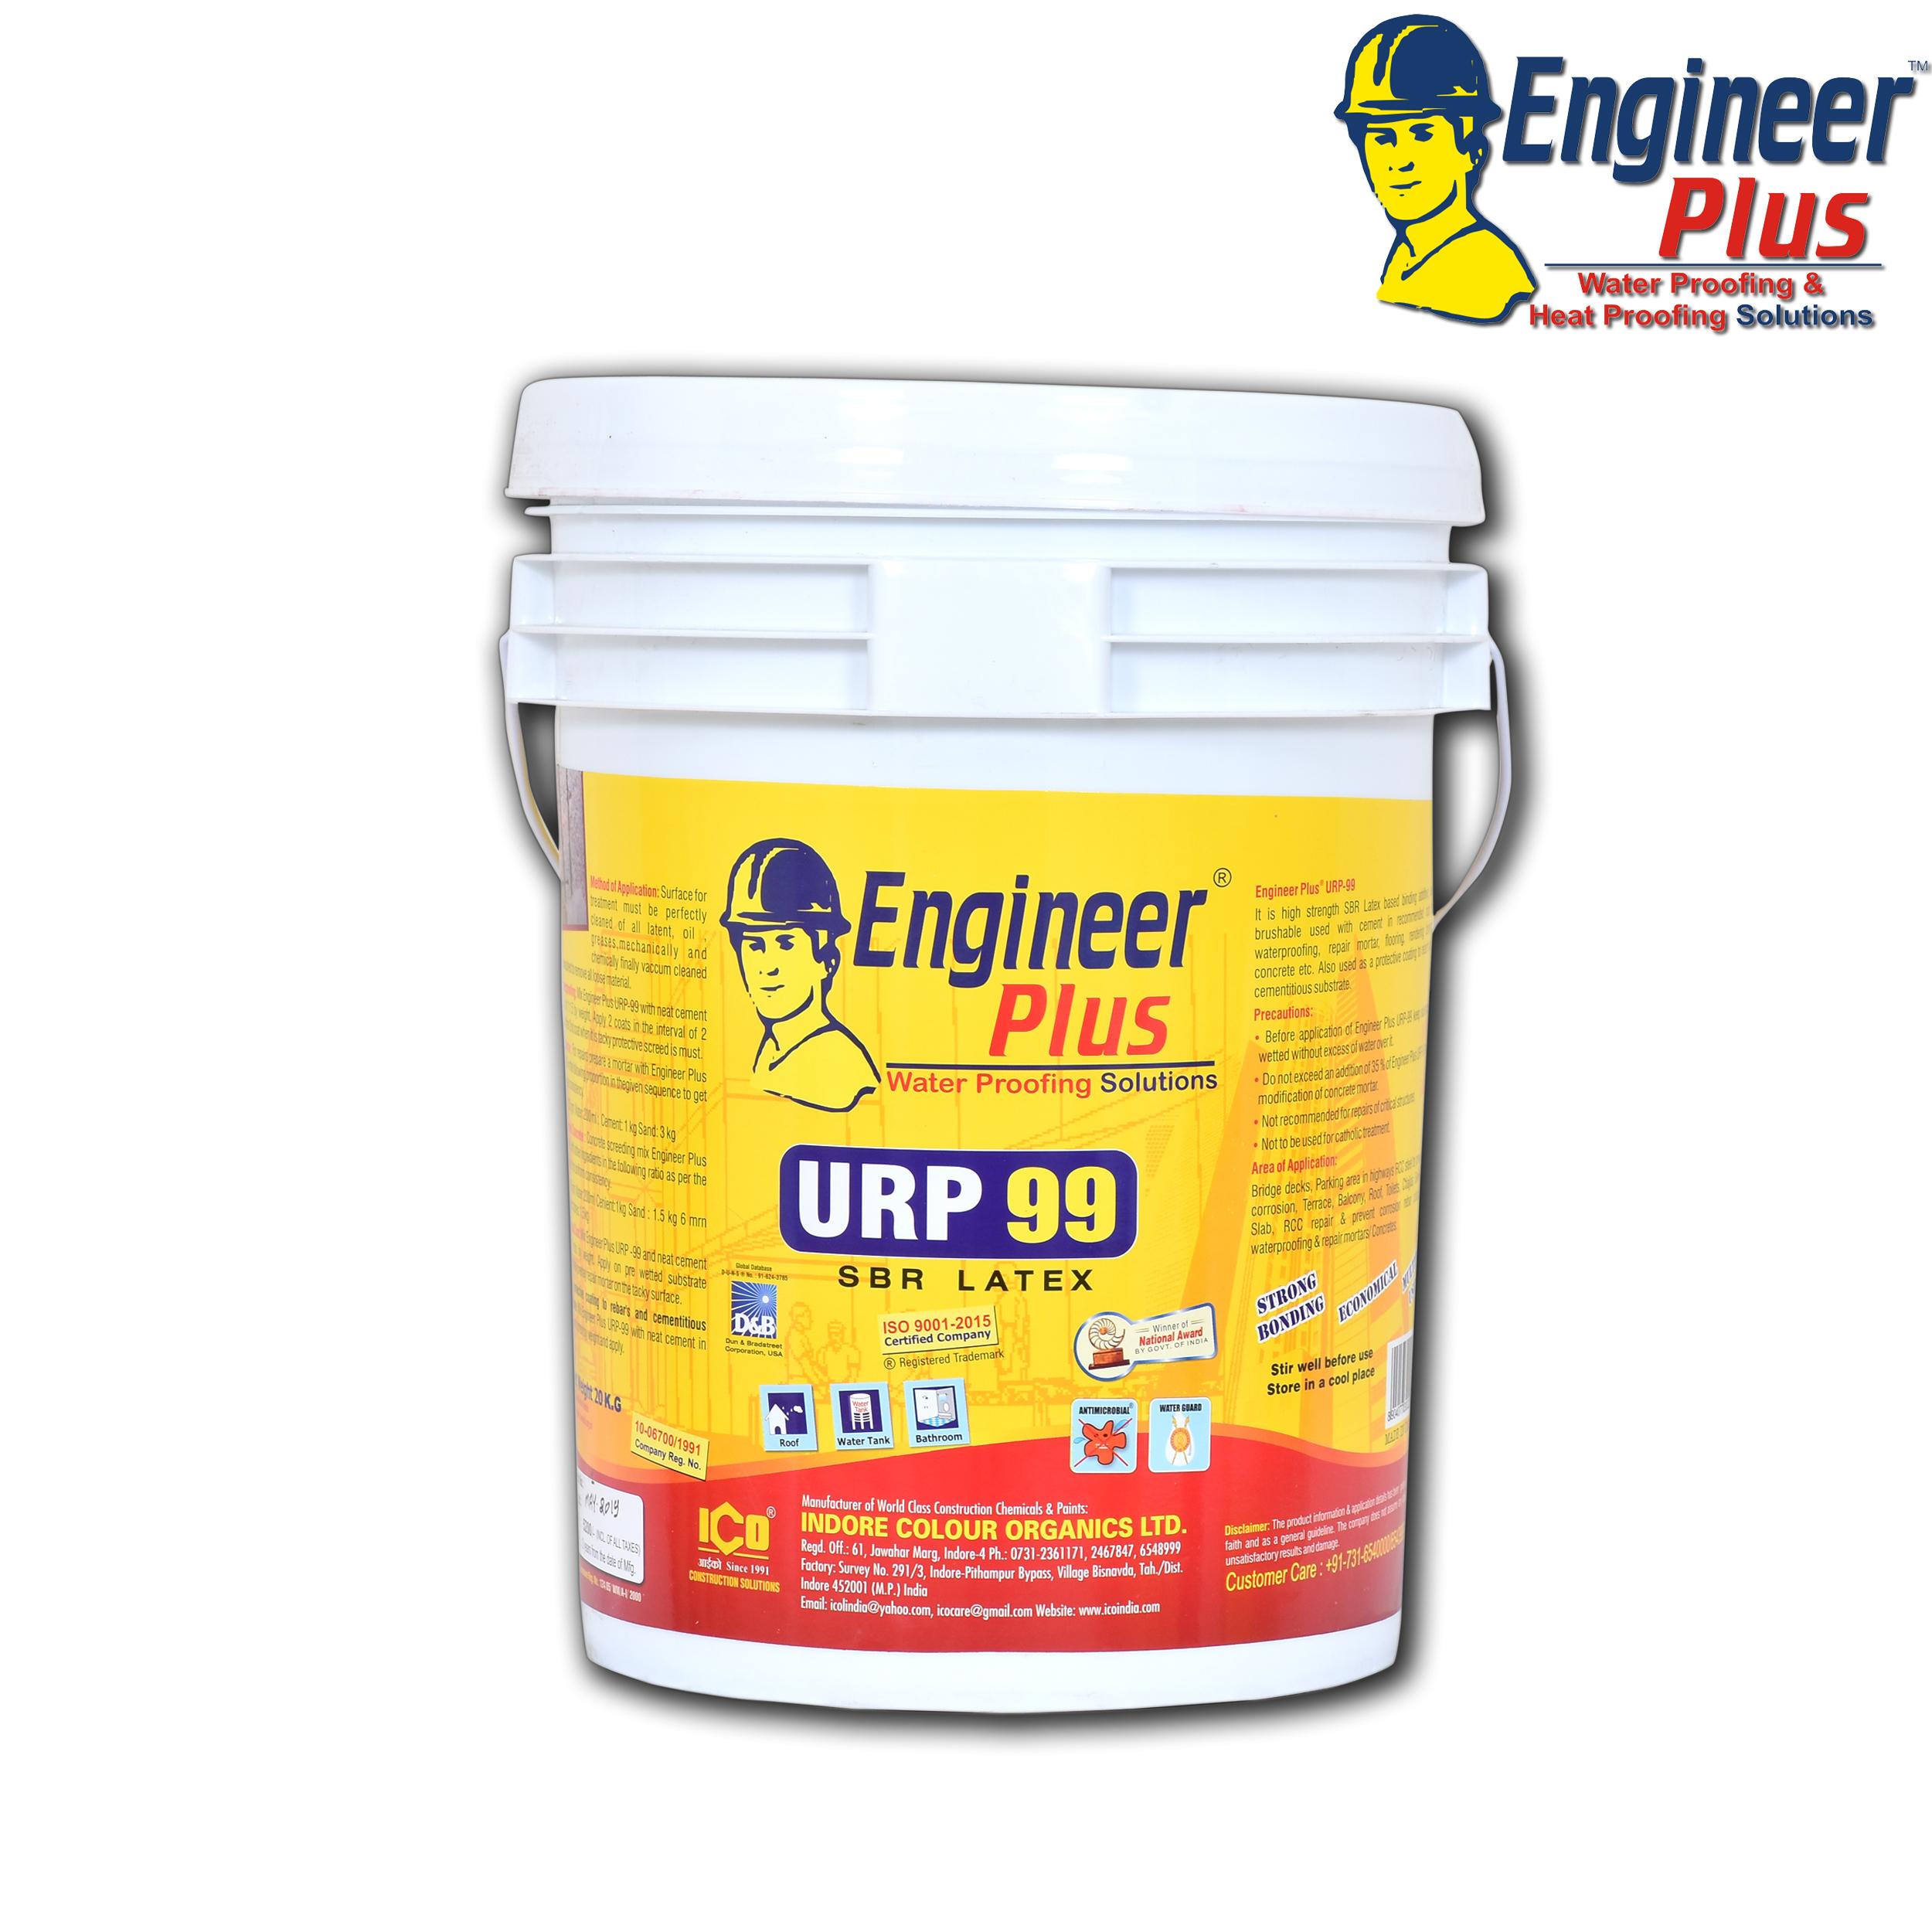 URP 99 Waterproofing Chemicals